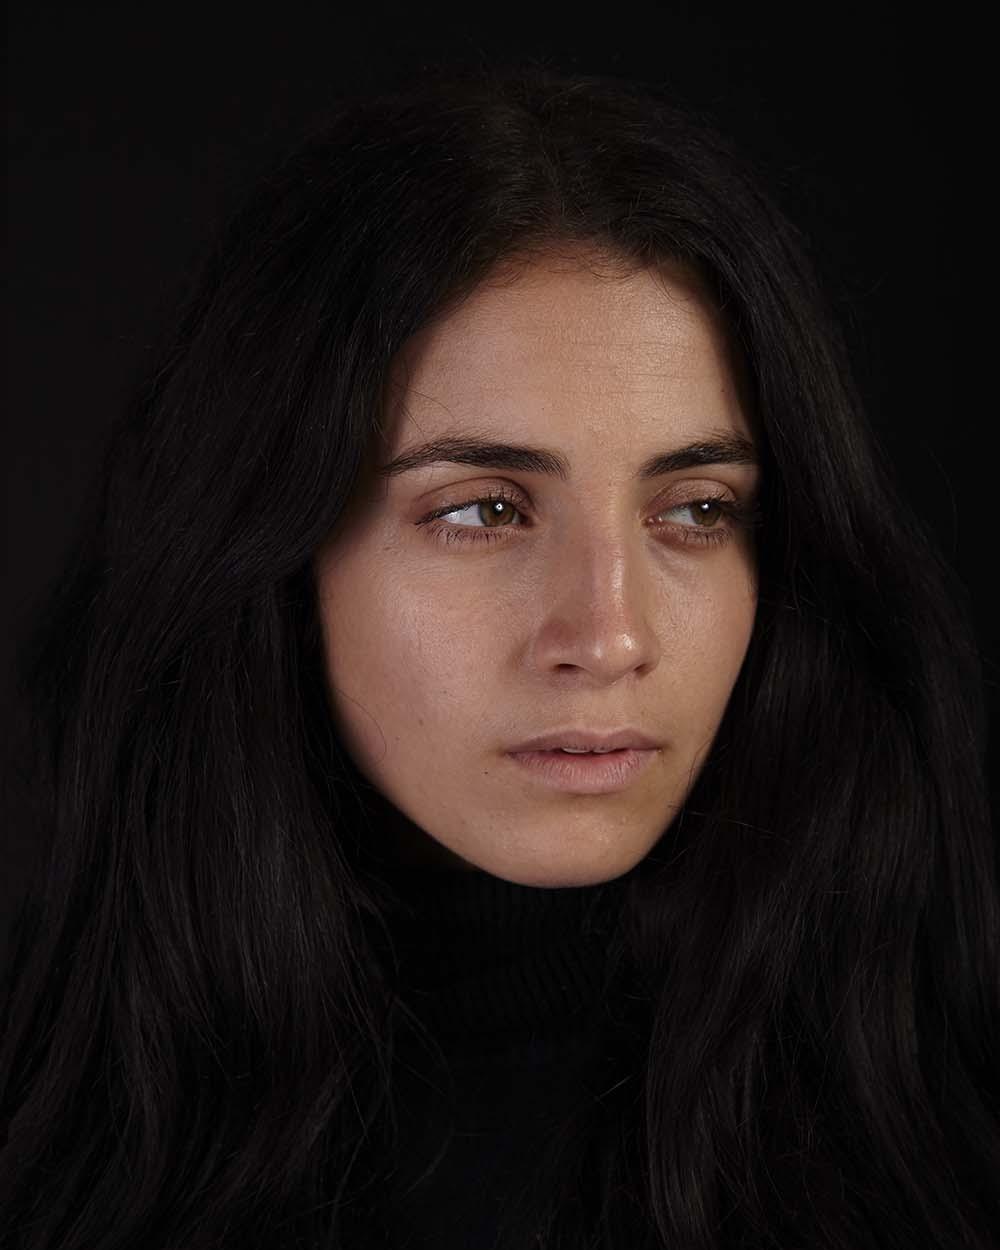 Denisa Jahlová - model